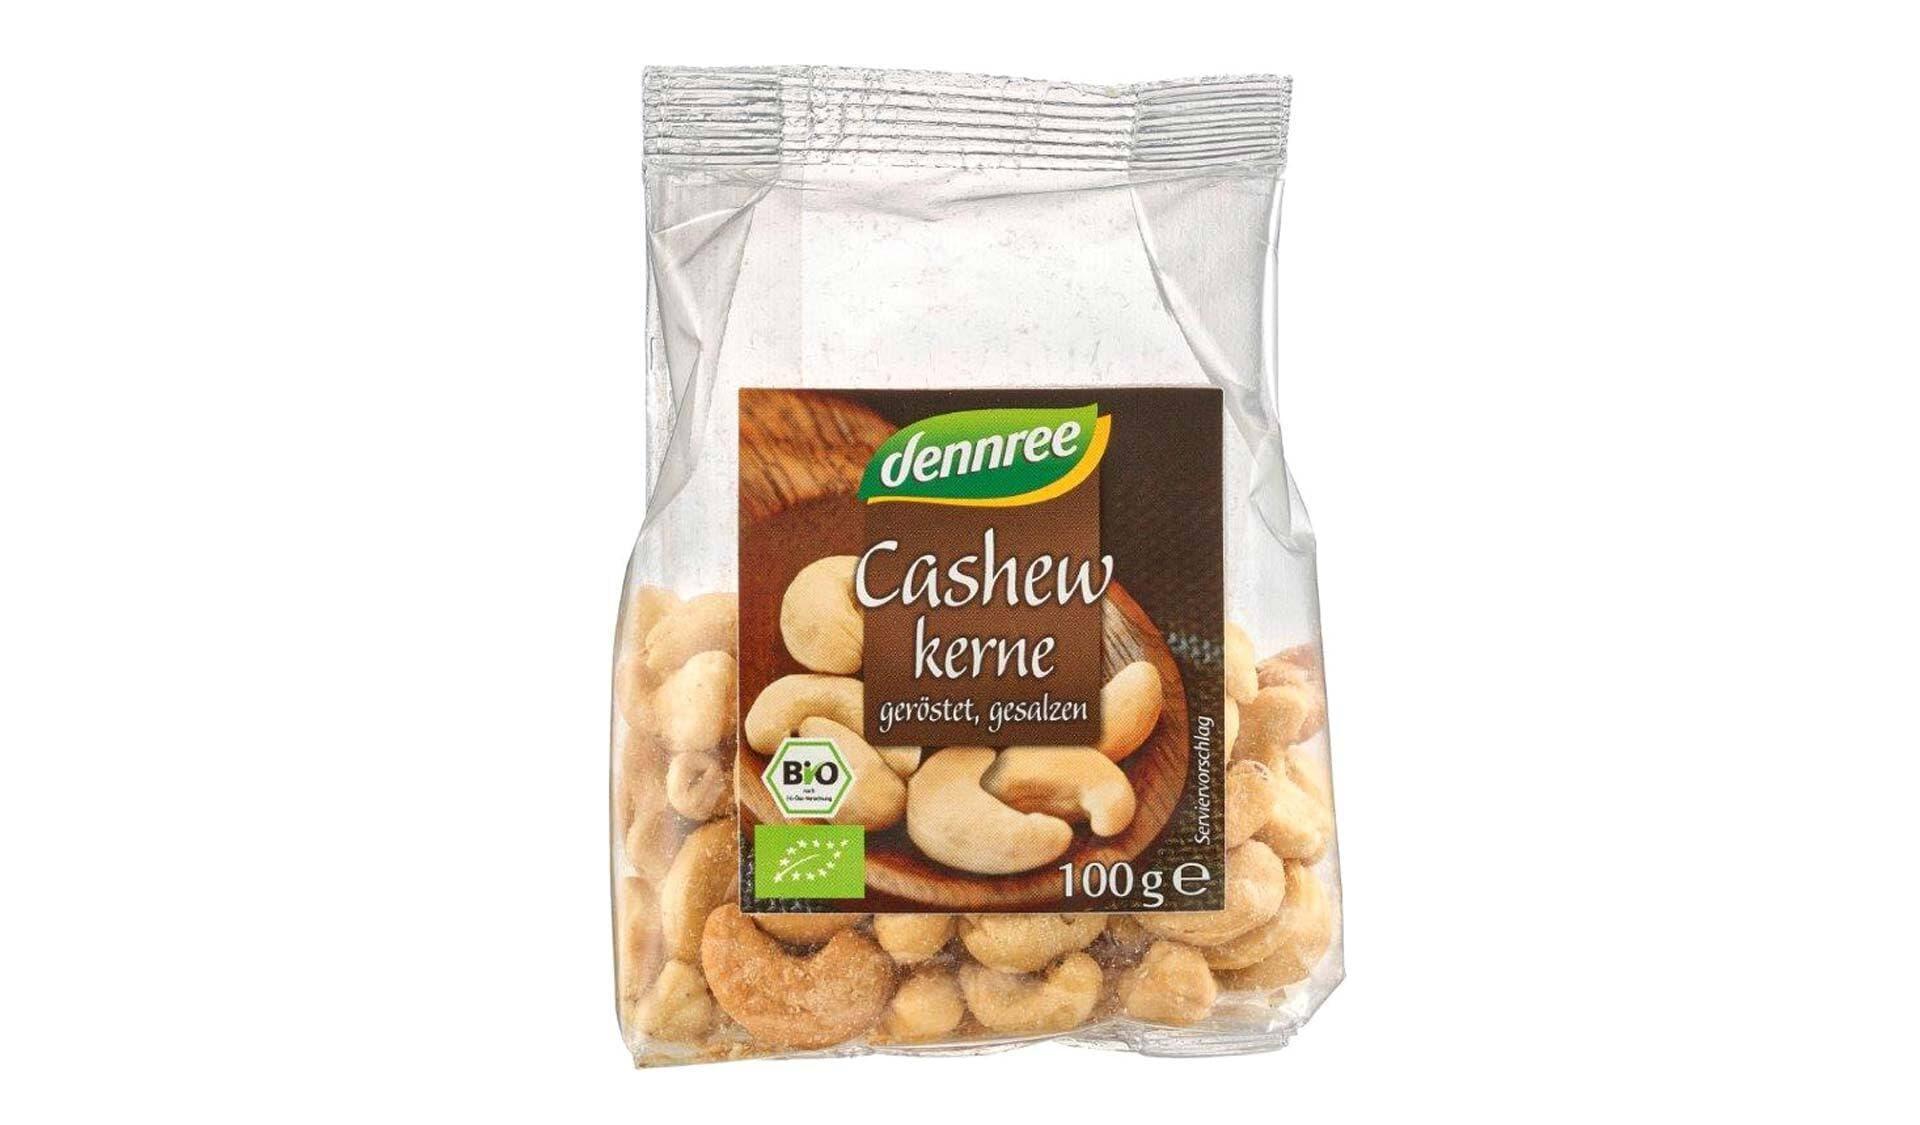 Dennree: Cashewkerne geroestet und gesalzen